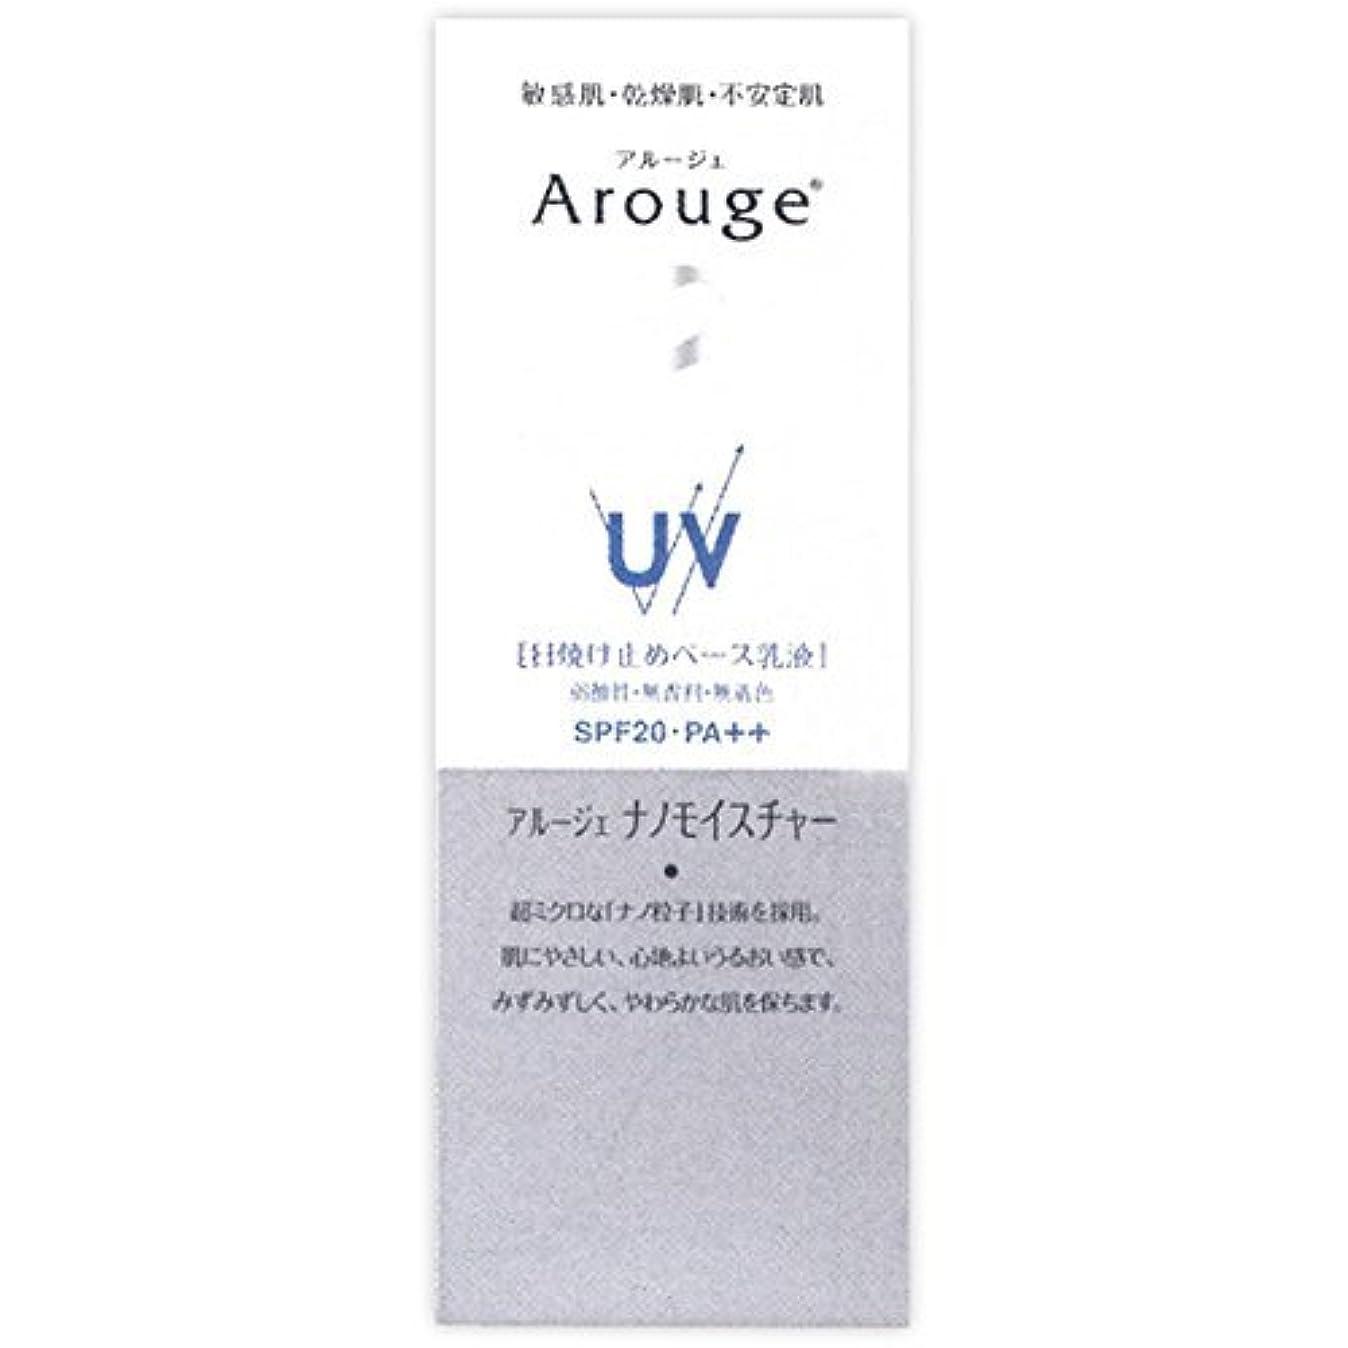 貧しい我慢する手当アルージェ UV モイストビューティーアップ日焼け止めベース乳液25g (SPF20?PA++)